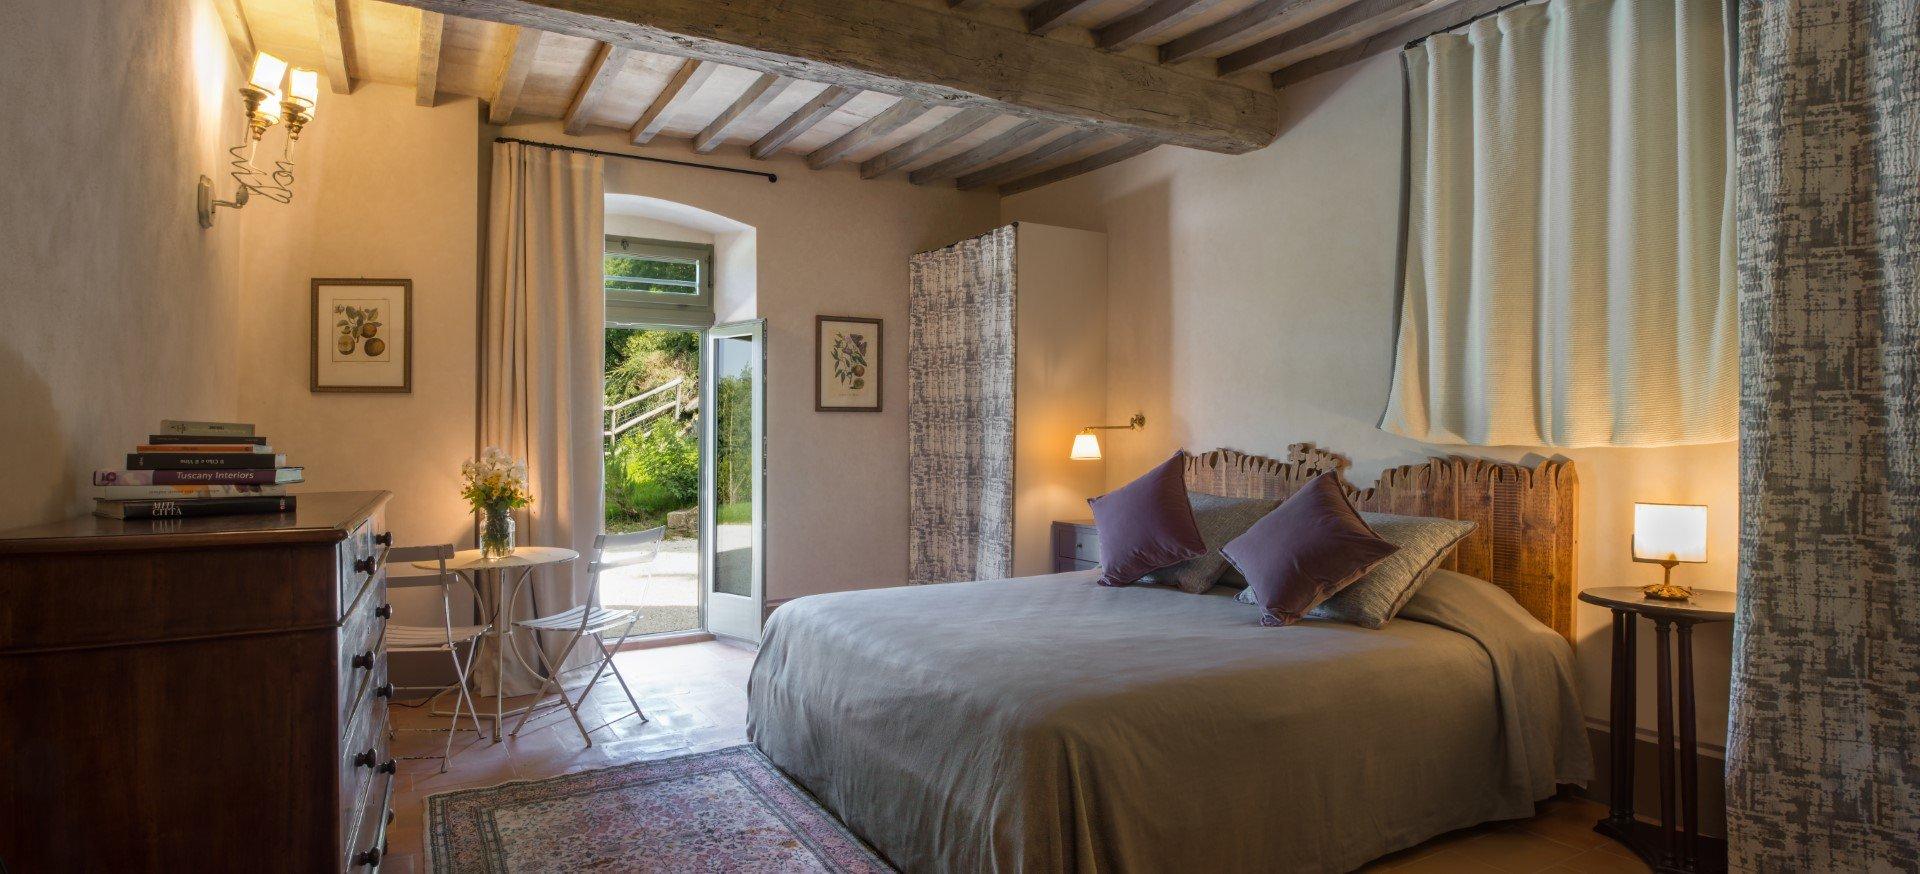 Leopoldina-slaapkamer met deur naar tuin